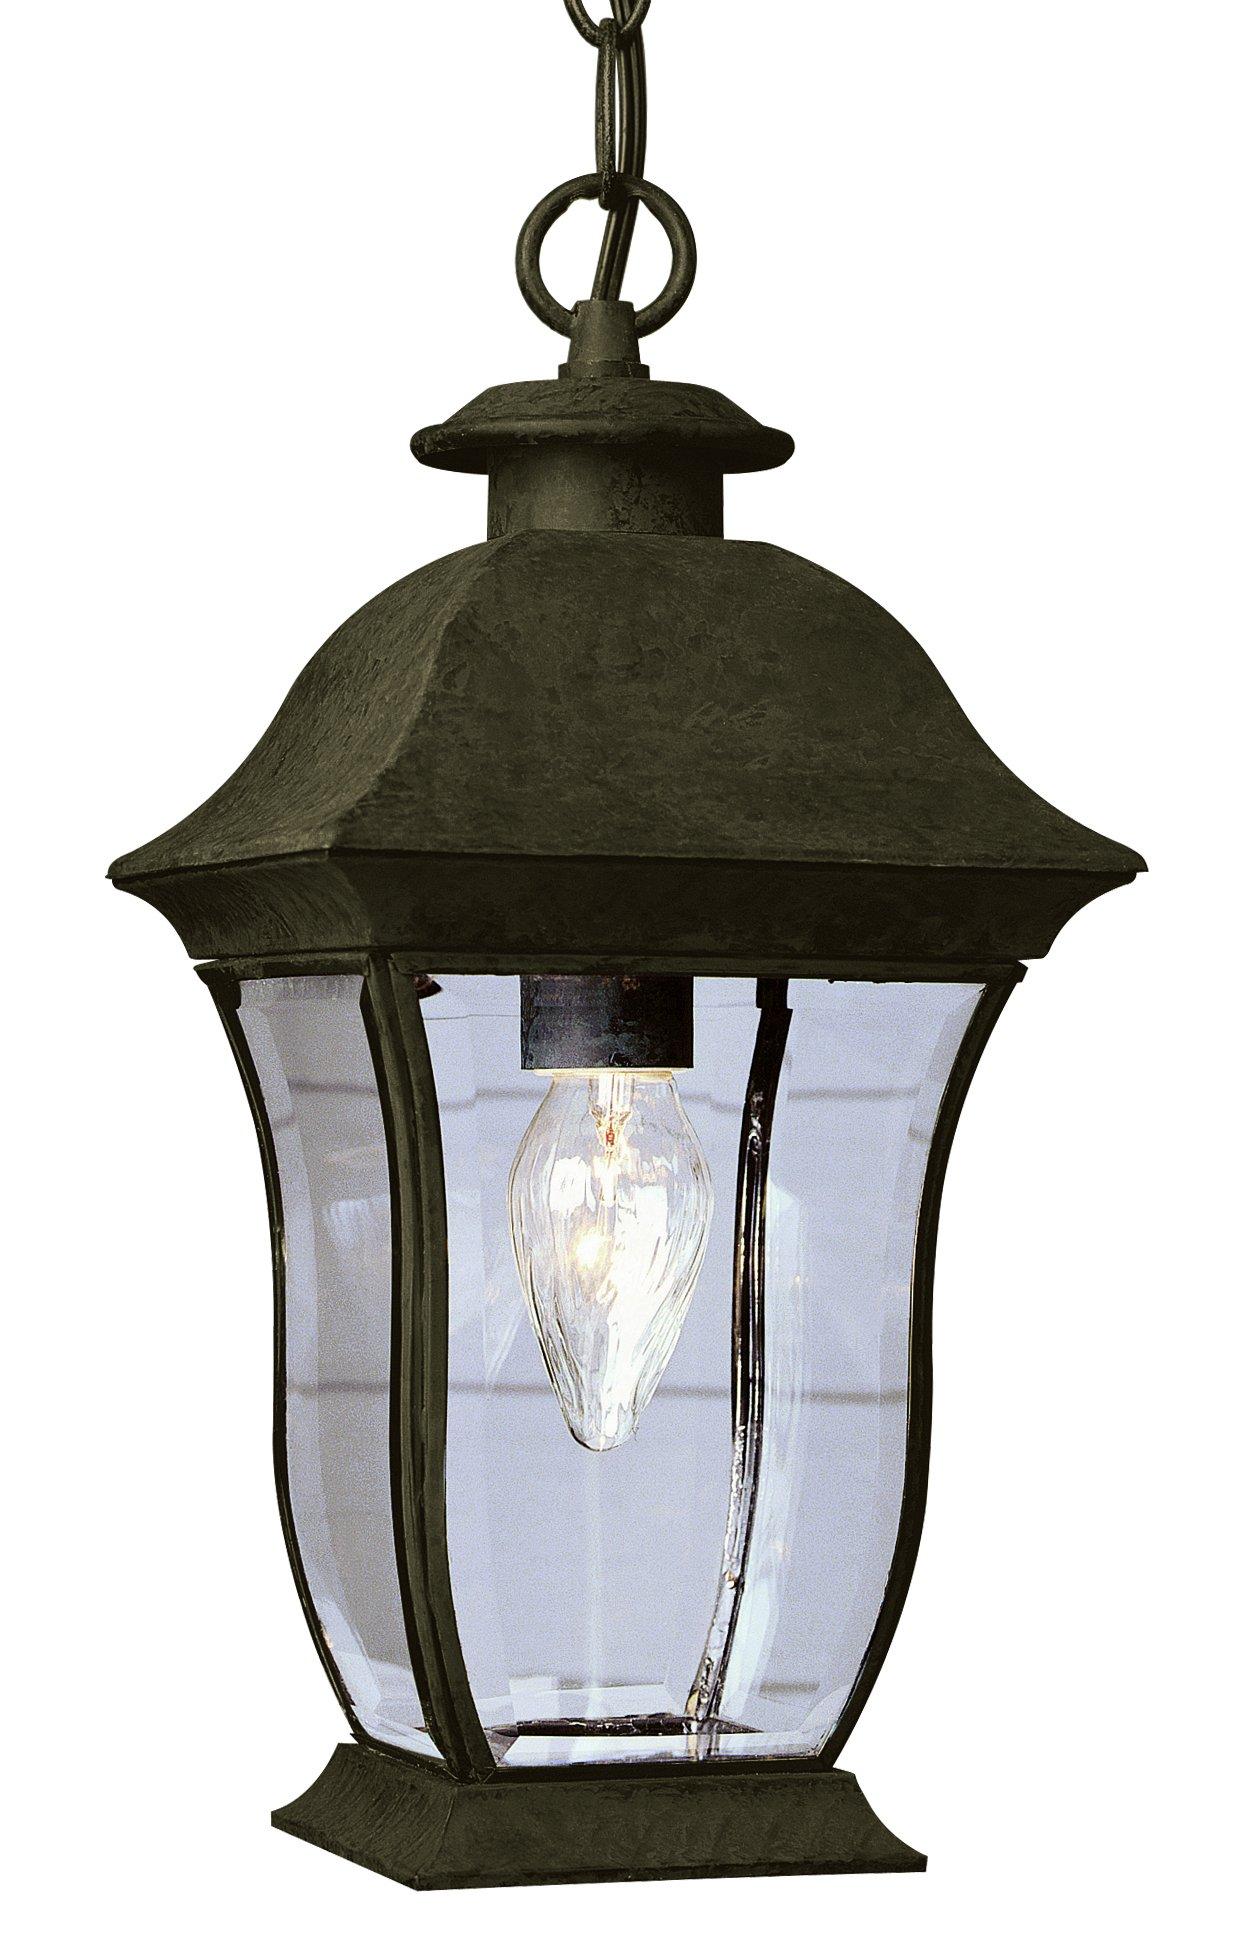 Trans Globe Lighting 4974 BK Outdoor Downing 15'' Hanging Lantern, Black